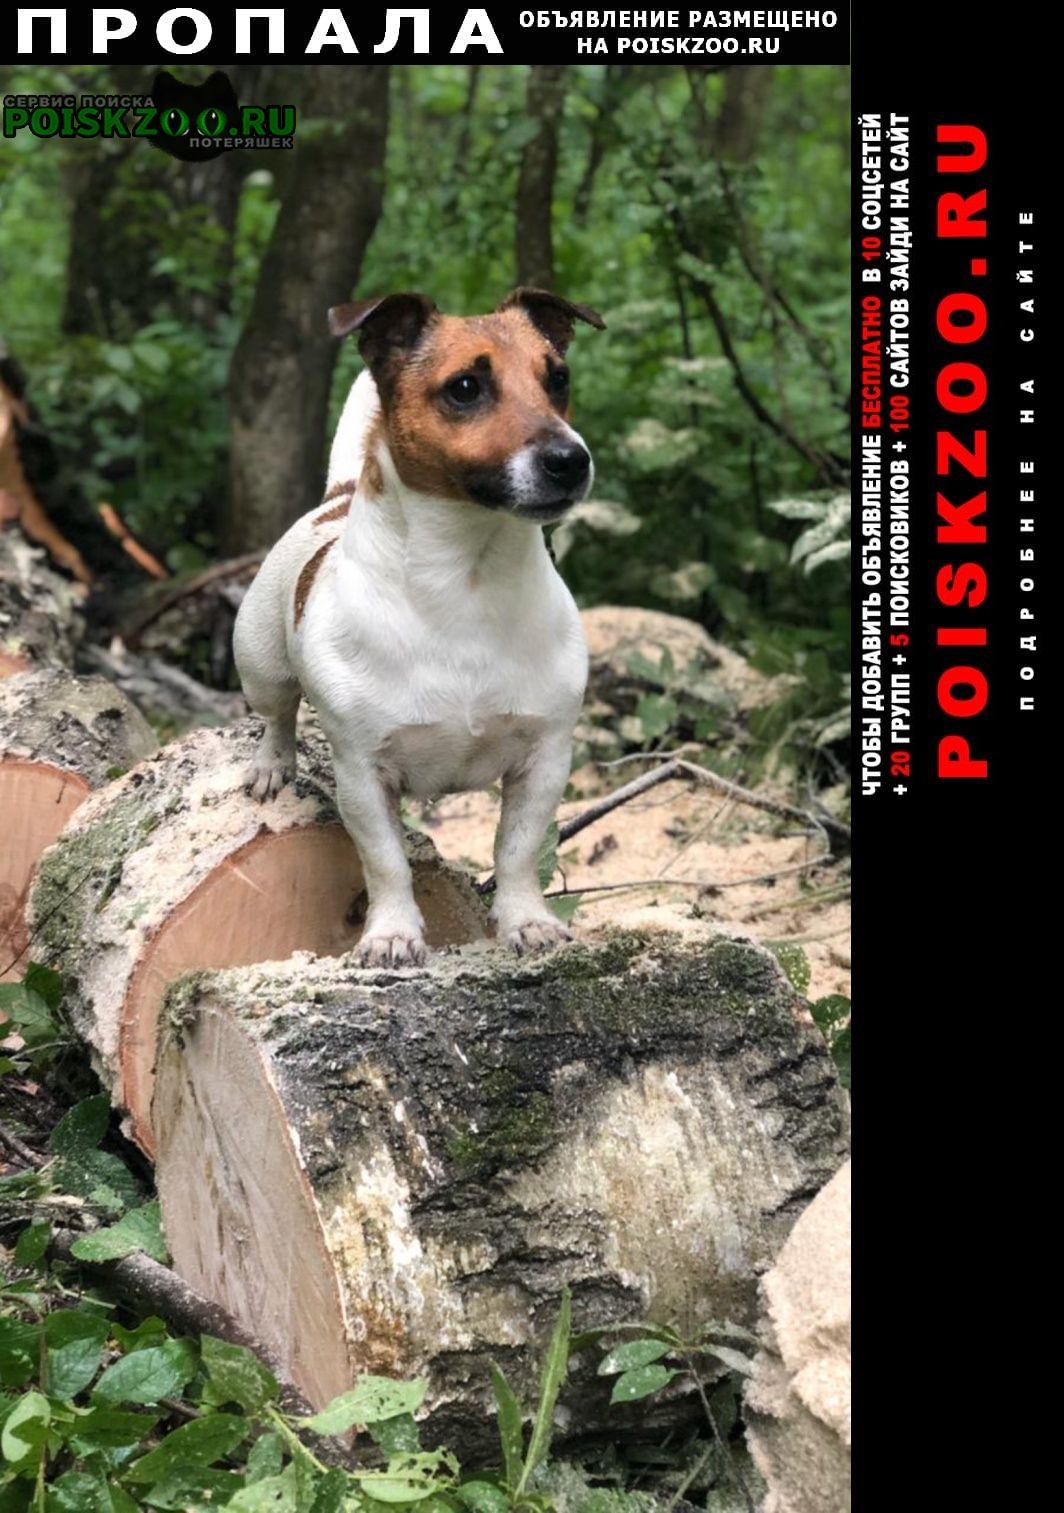 Пропала собака зовут майк, 5 лет дружелюбный, упитанн Подольск